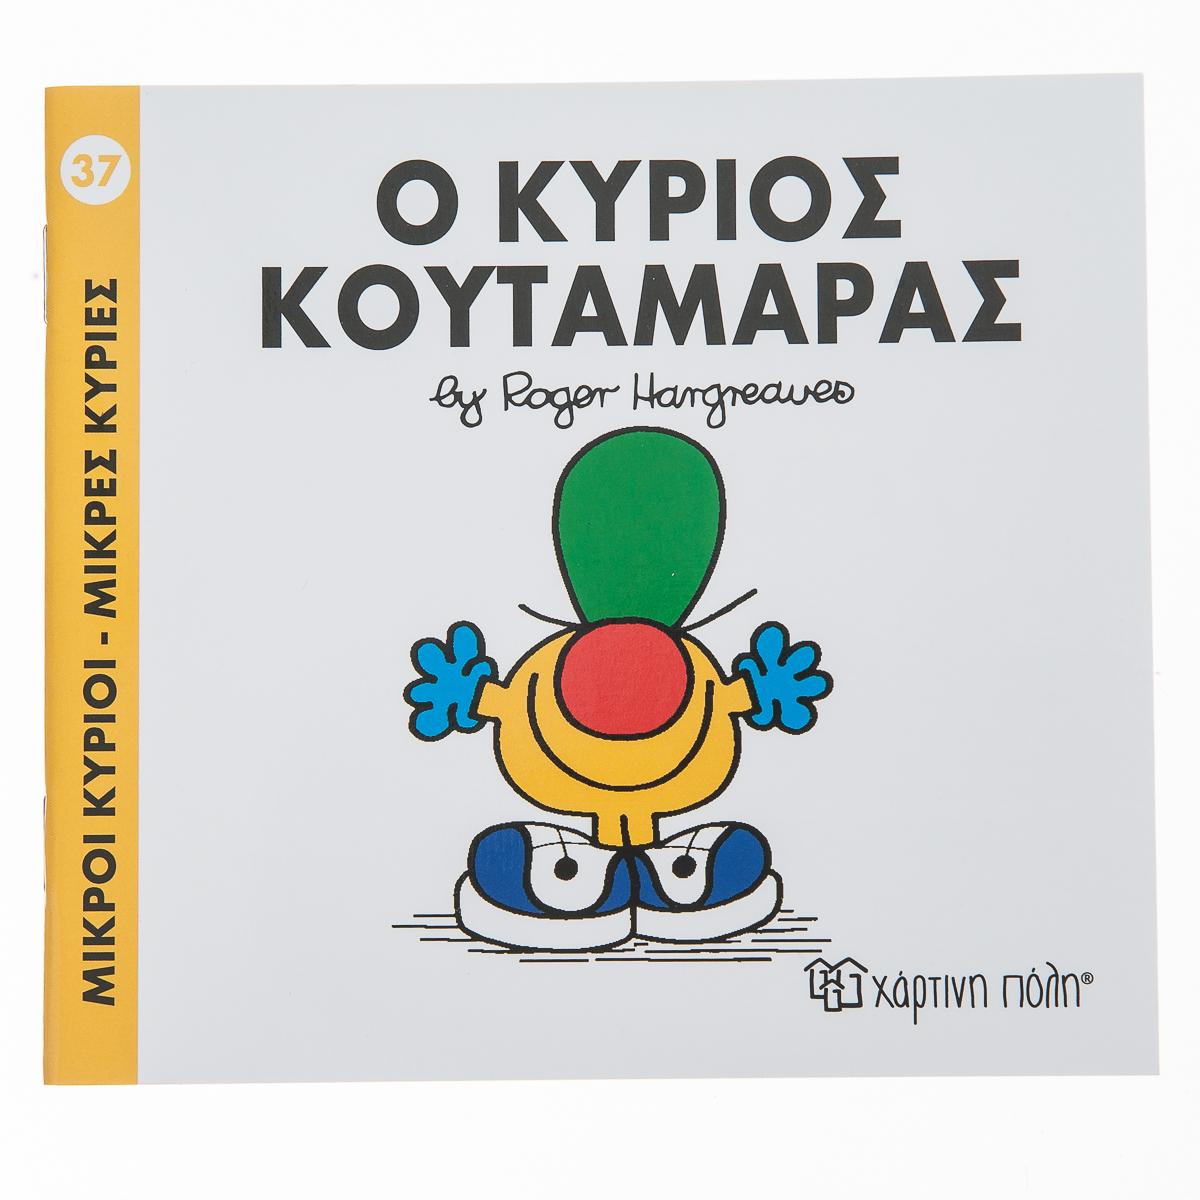 Βιβλίο Ο Κύριος Κουταμάρας 00011458 - MULTICOLOR - 3615-0043/3/196/95